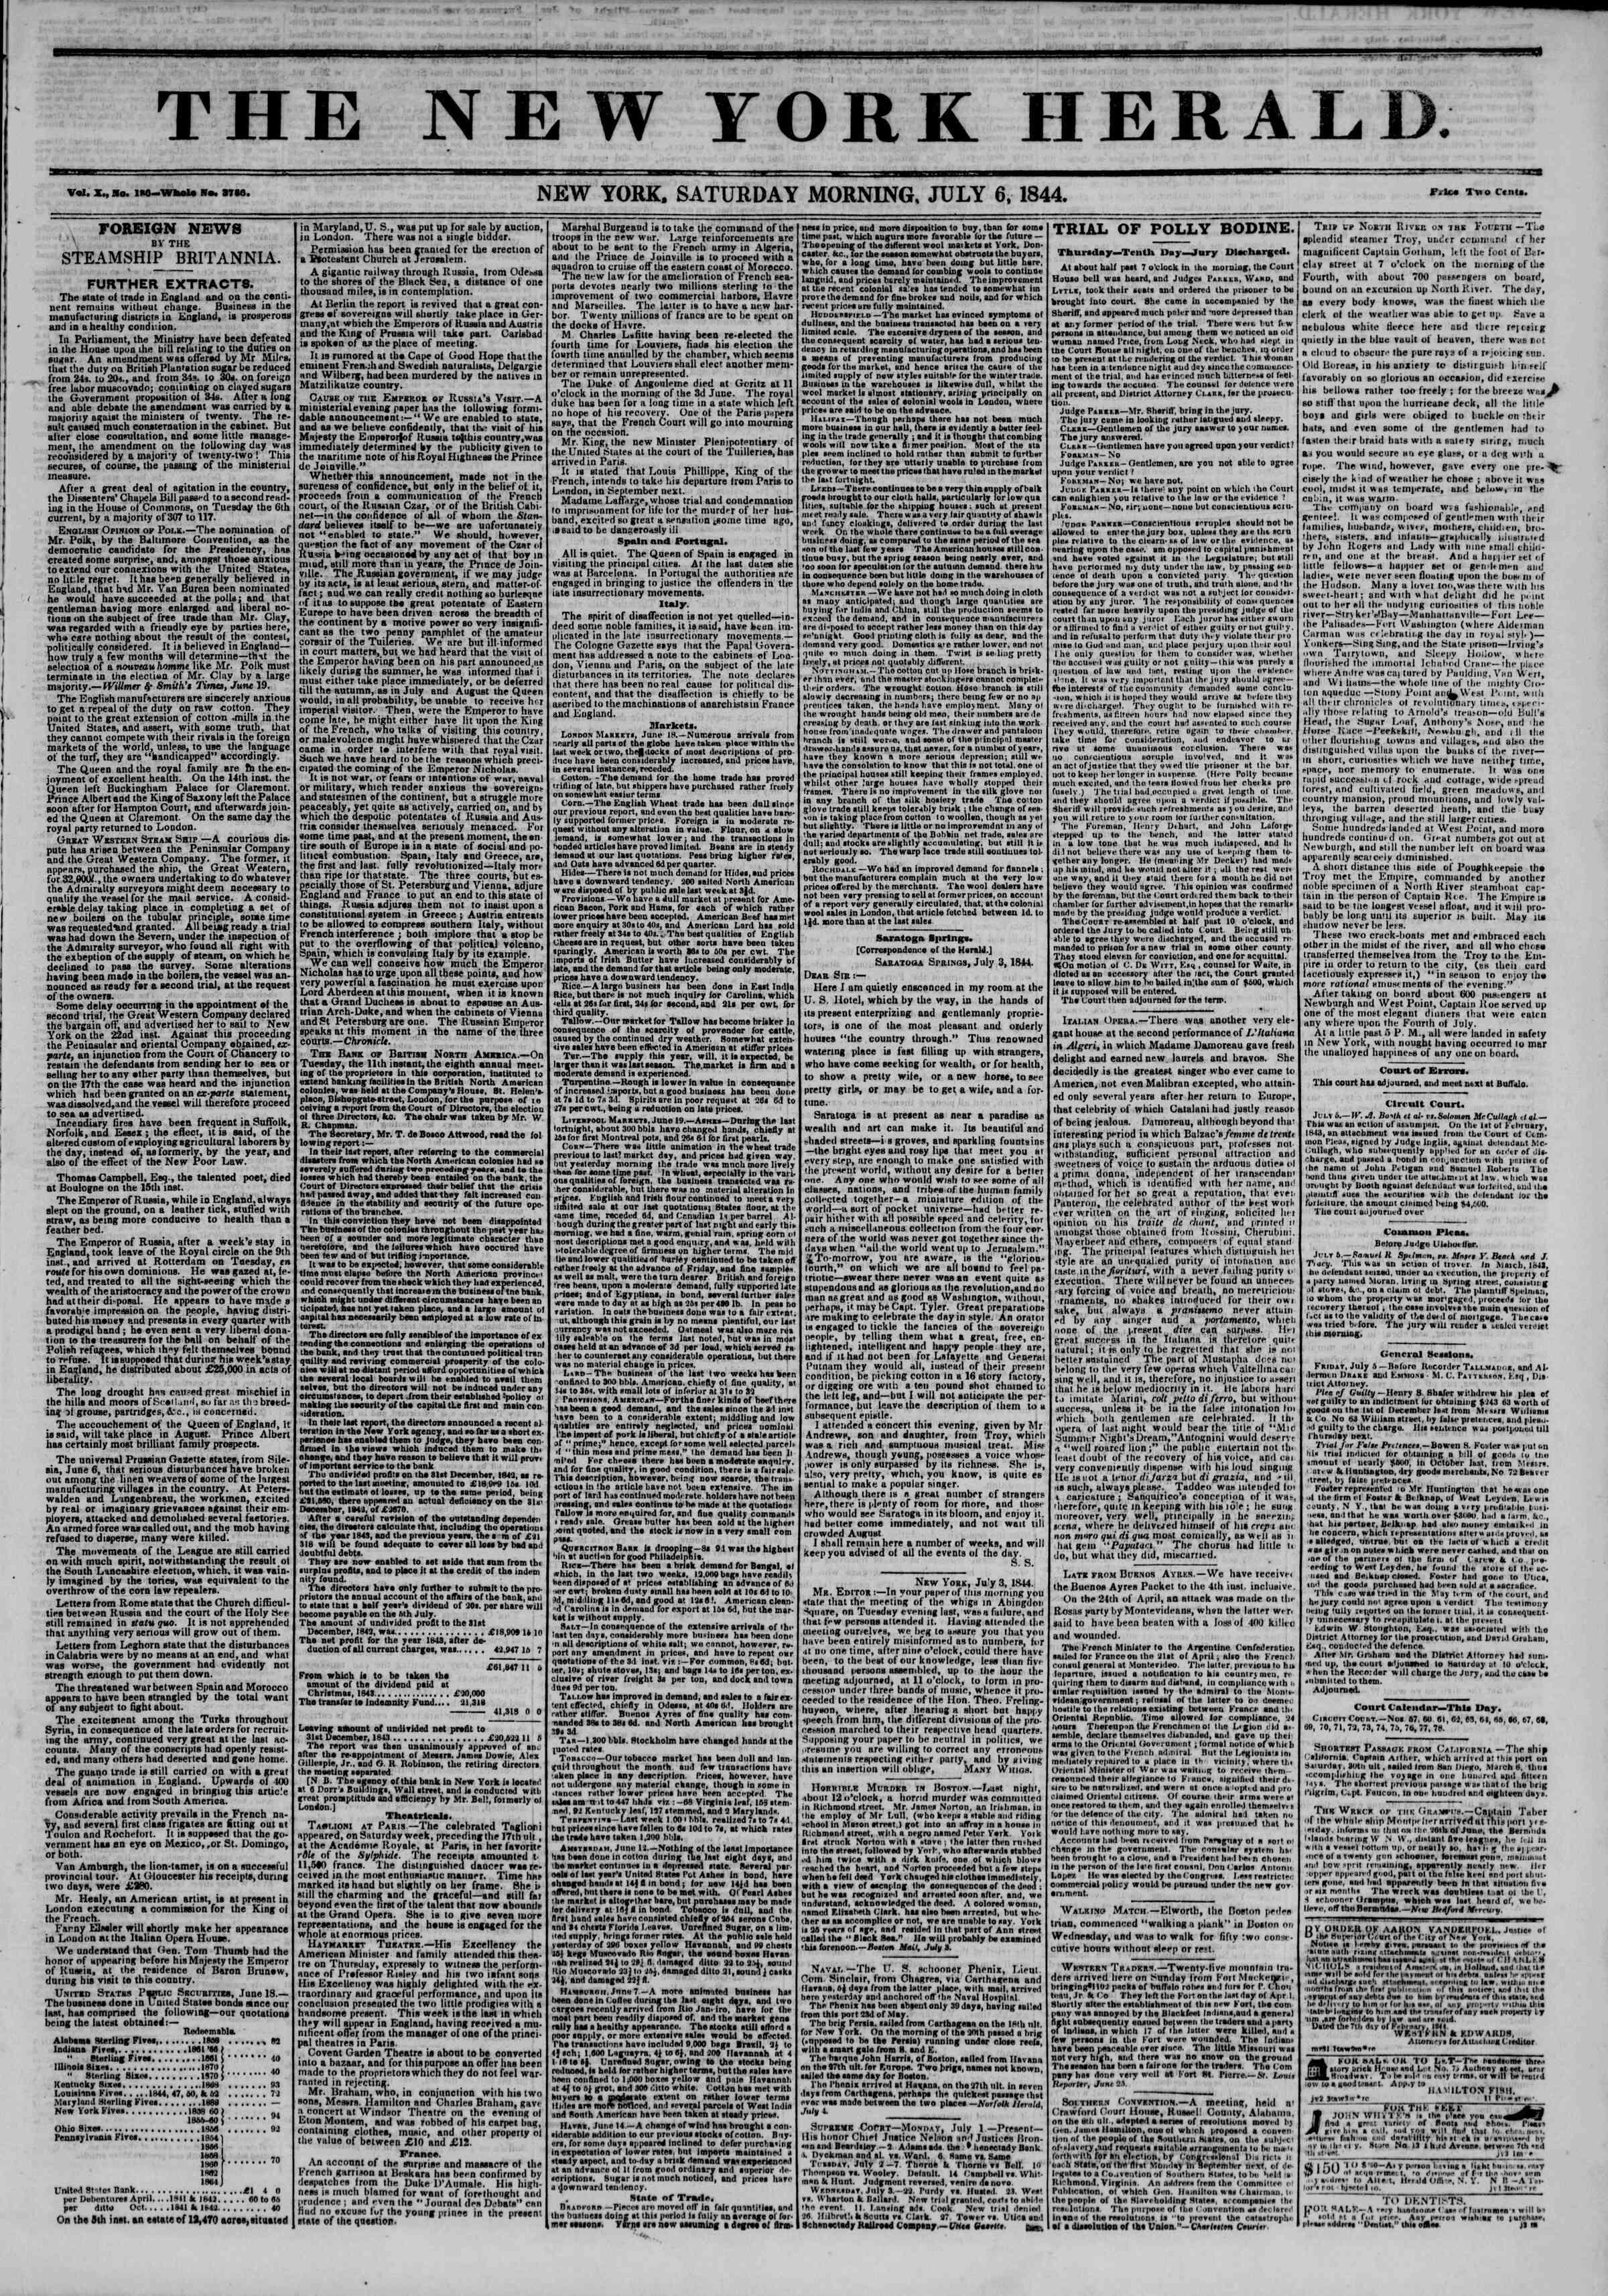 July 6, 1844 Tarihli The New York Herald Gazetesi Sayfa 1